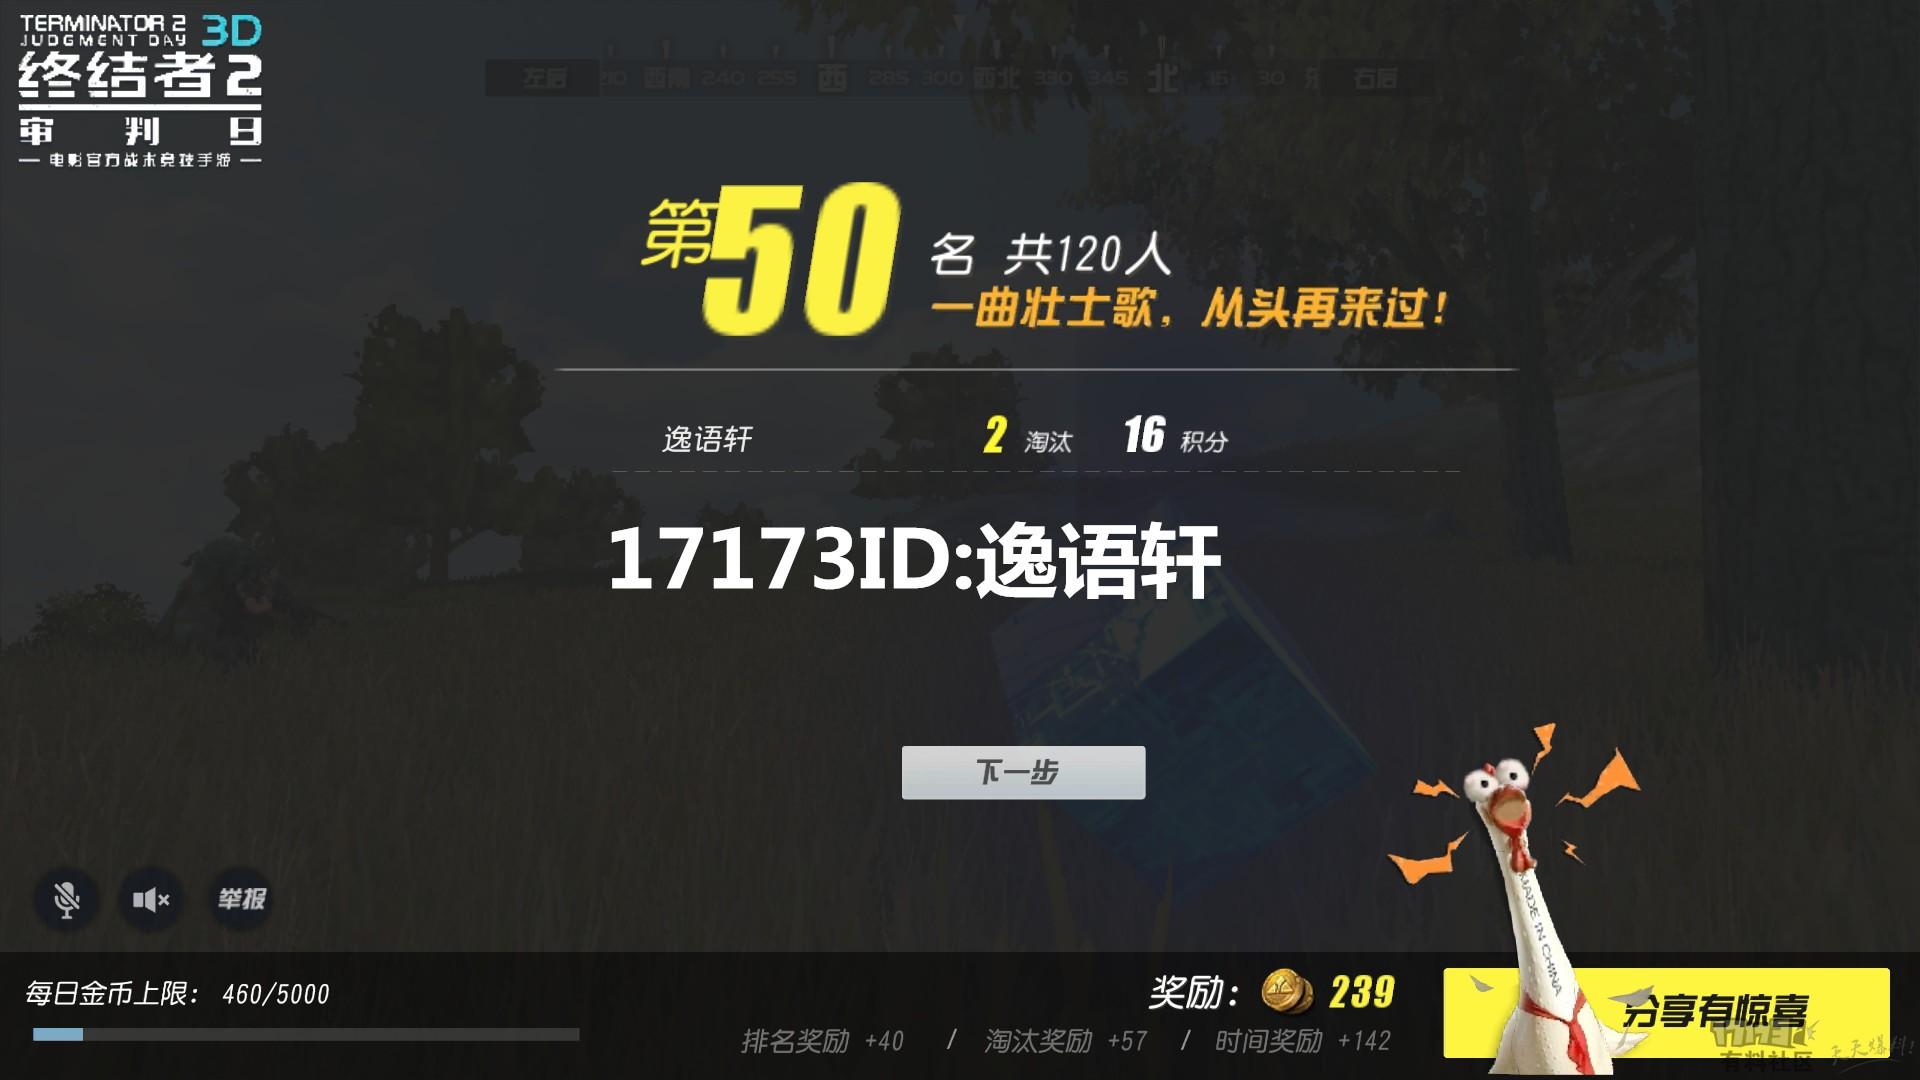 17173-191849_副本.jpg